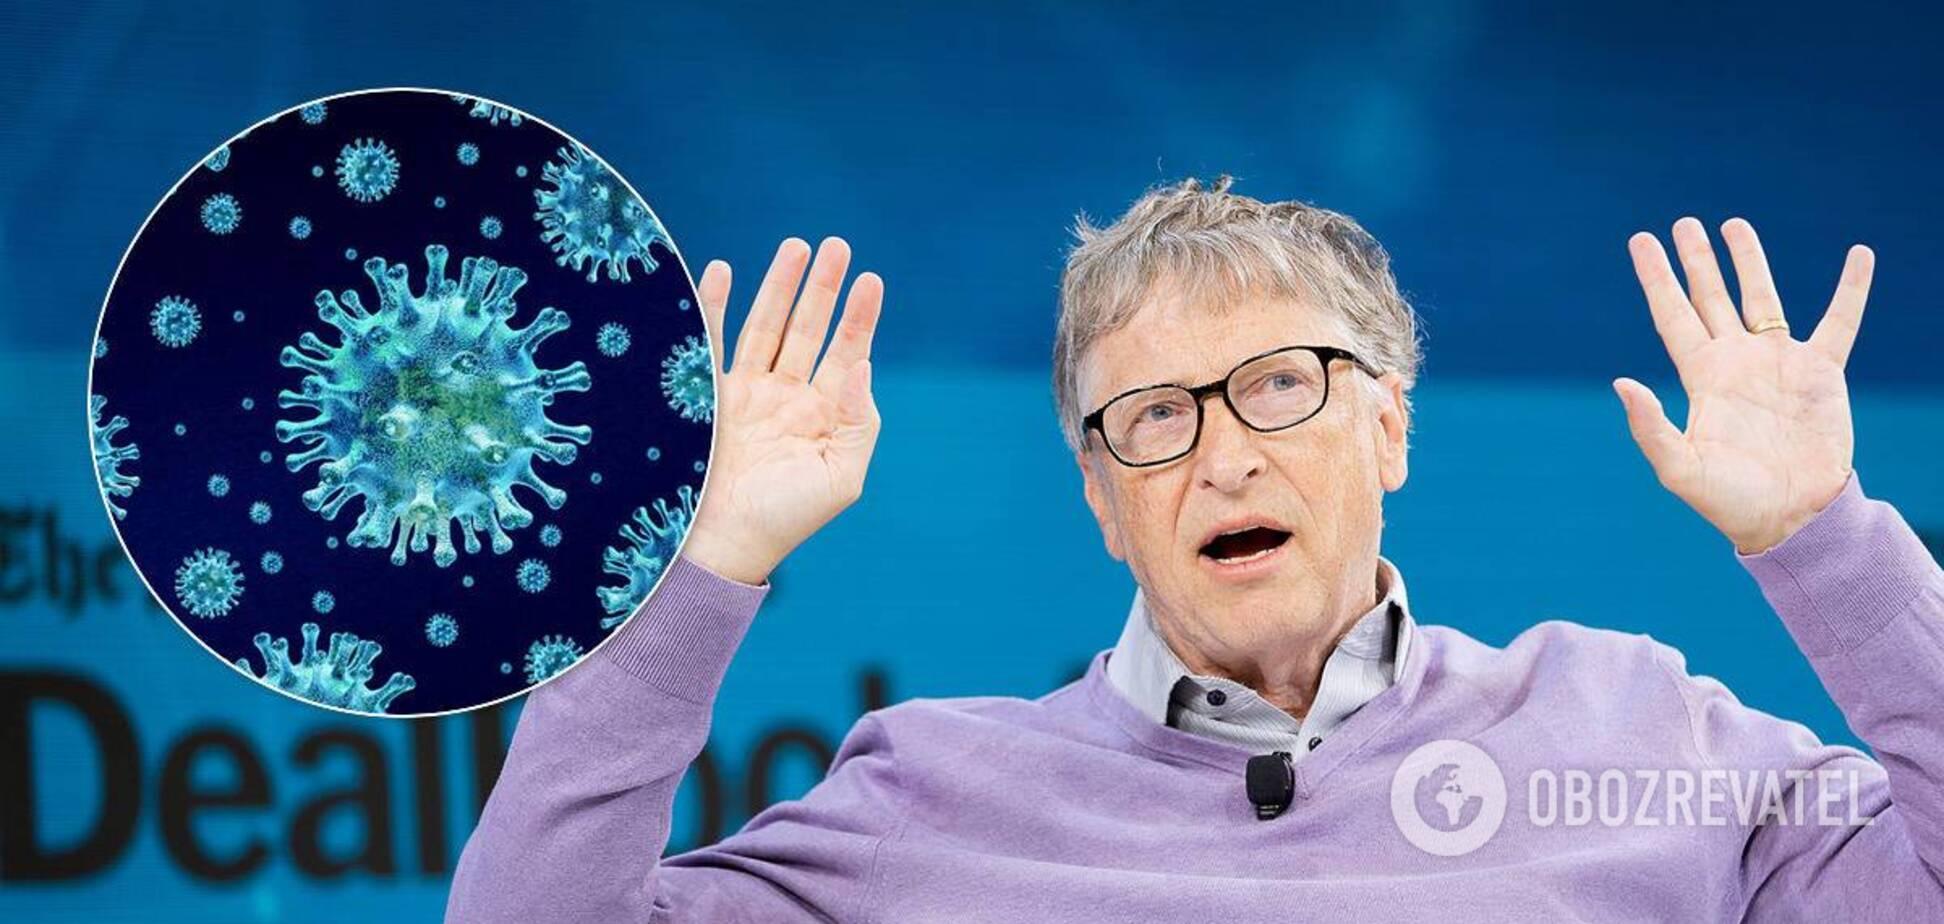 Гейтс прокомментировал обвинения о пандемии